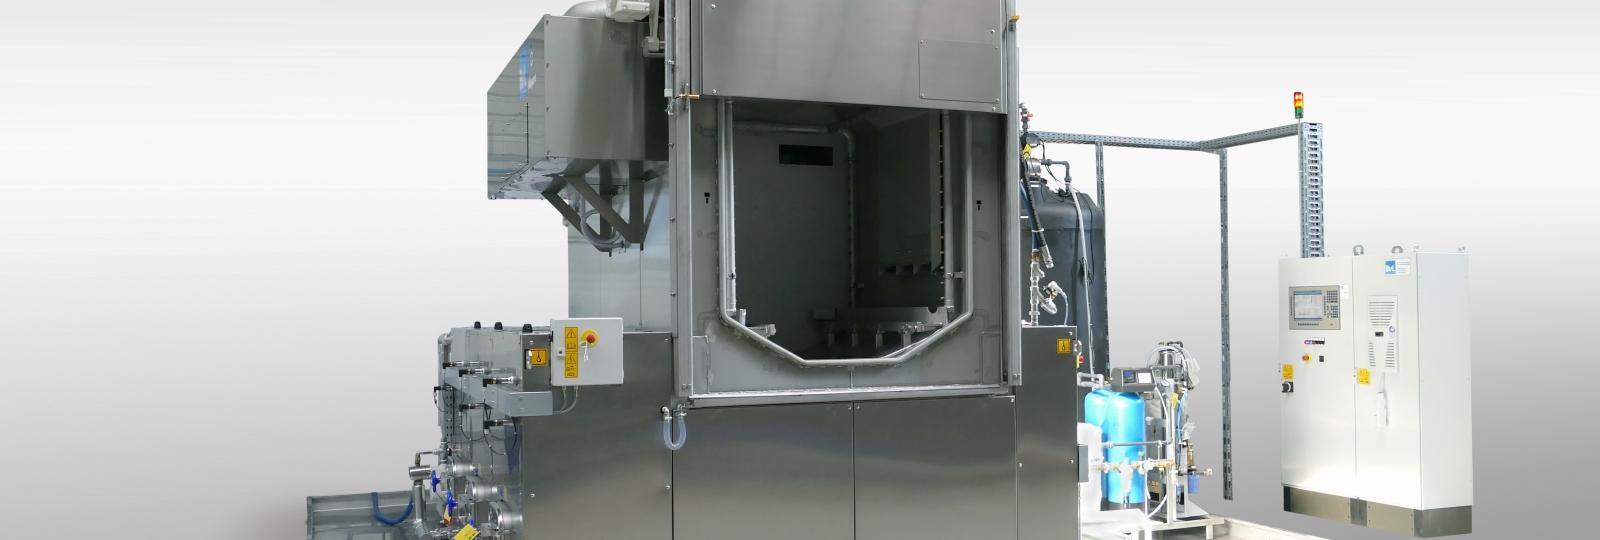 Die BvL Reinigungsanlage Niagara VE ist speziell für den Einsatz in Härtereien, mit hohen Stückzahlen in Körben und hohen Bauteilgewichten, konzipiert,